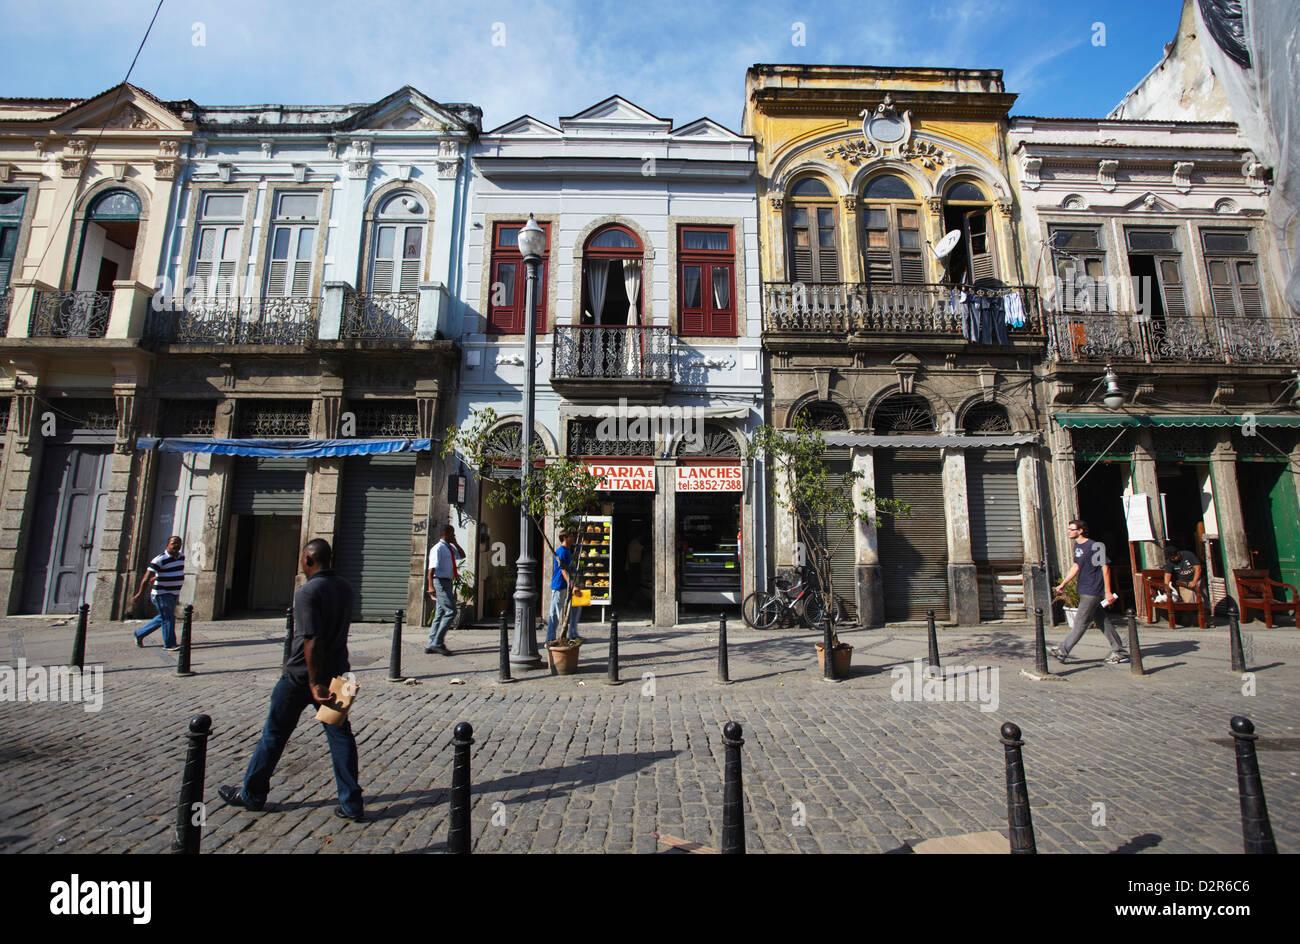 Colonial architecture, Fatima, Rio de Janeiro, Brazil, South America Stock Photo